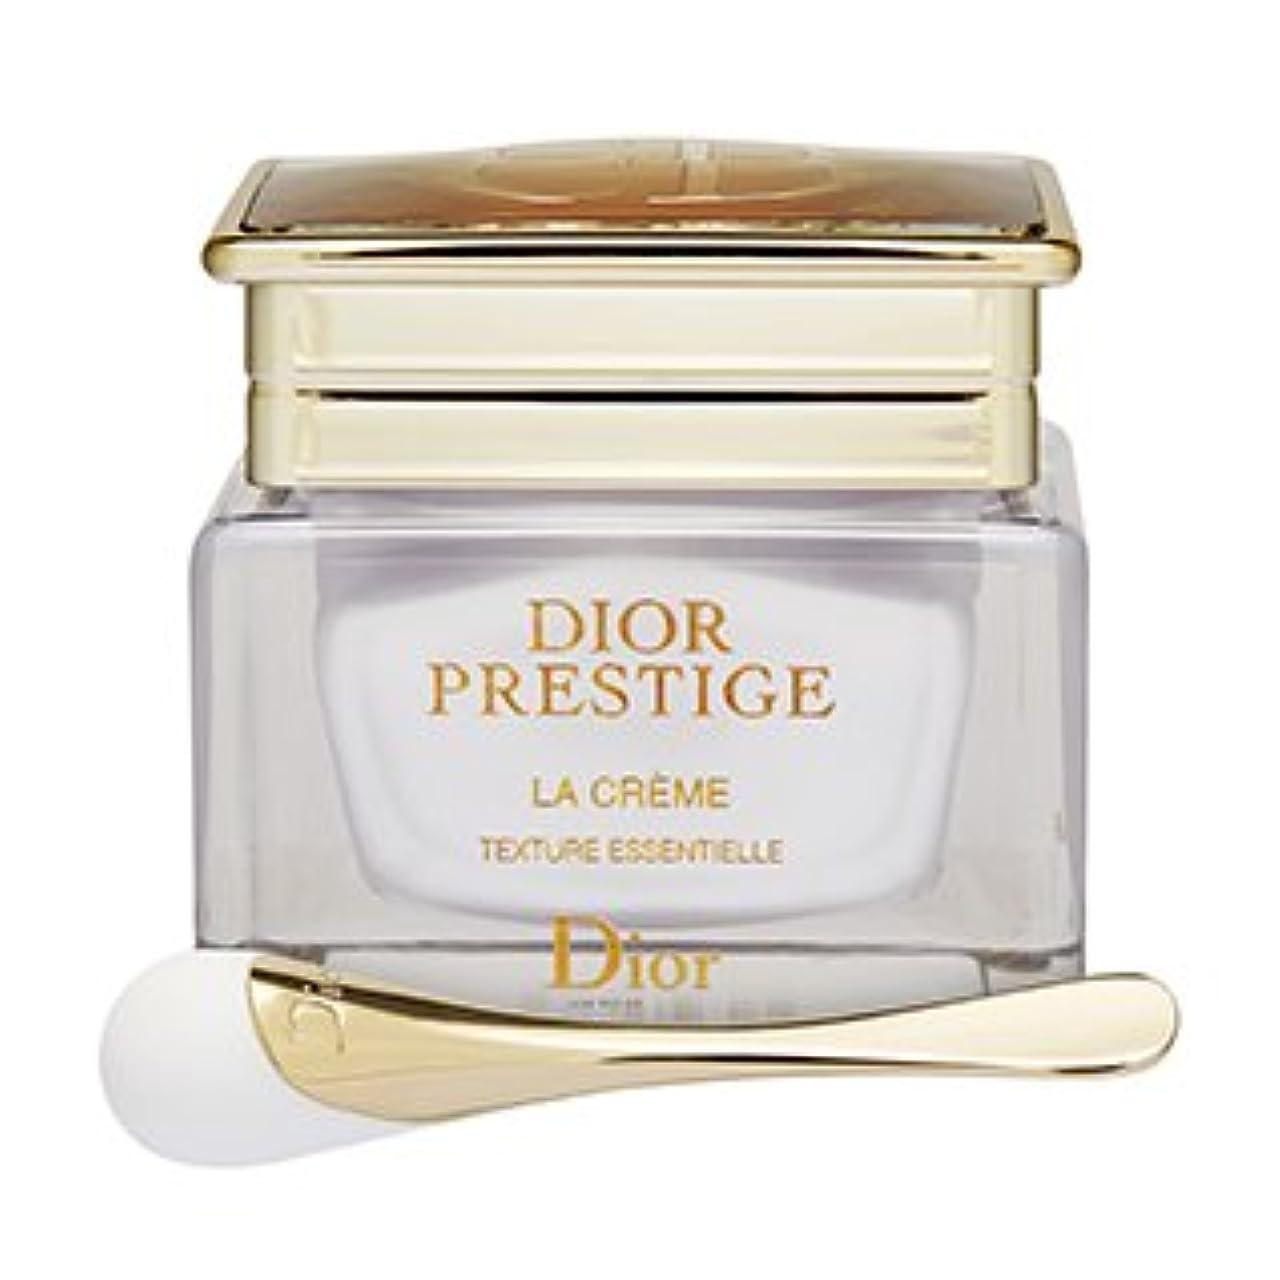 涙が出るベテラン無人ディオール(Dior) プレステージ ラ クレーム - 極上のテクスチャー [並行輸入品]